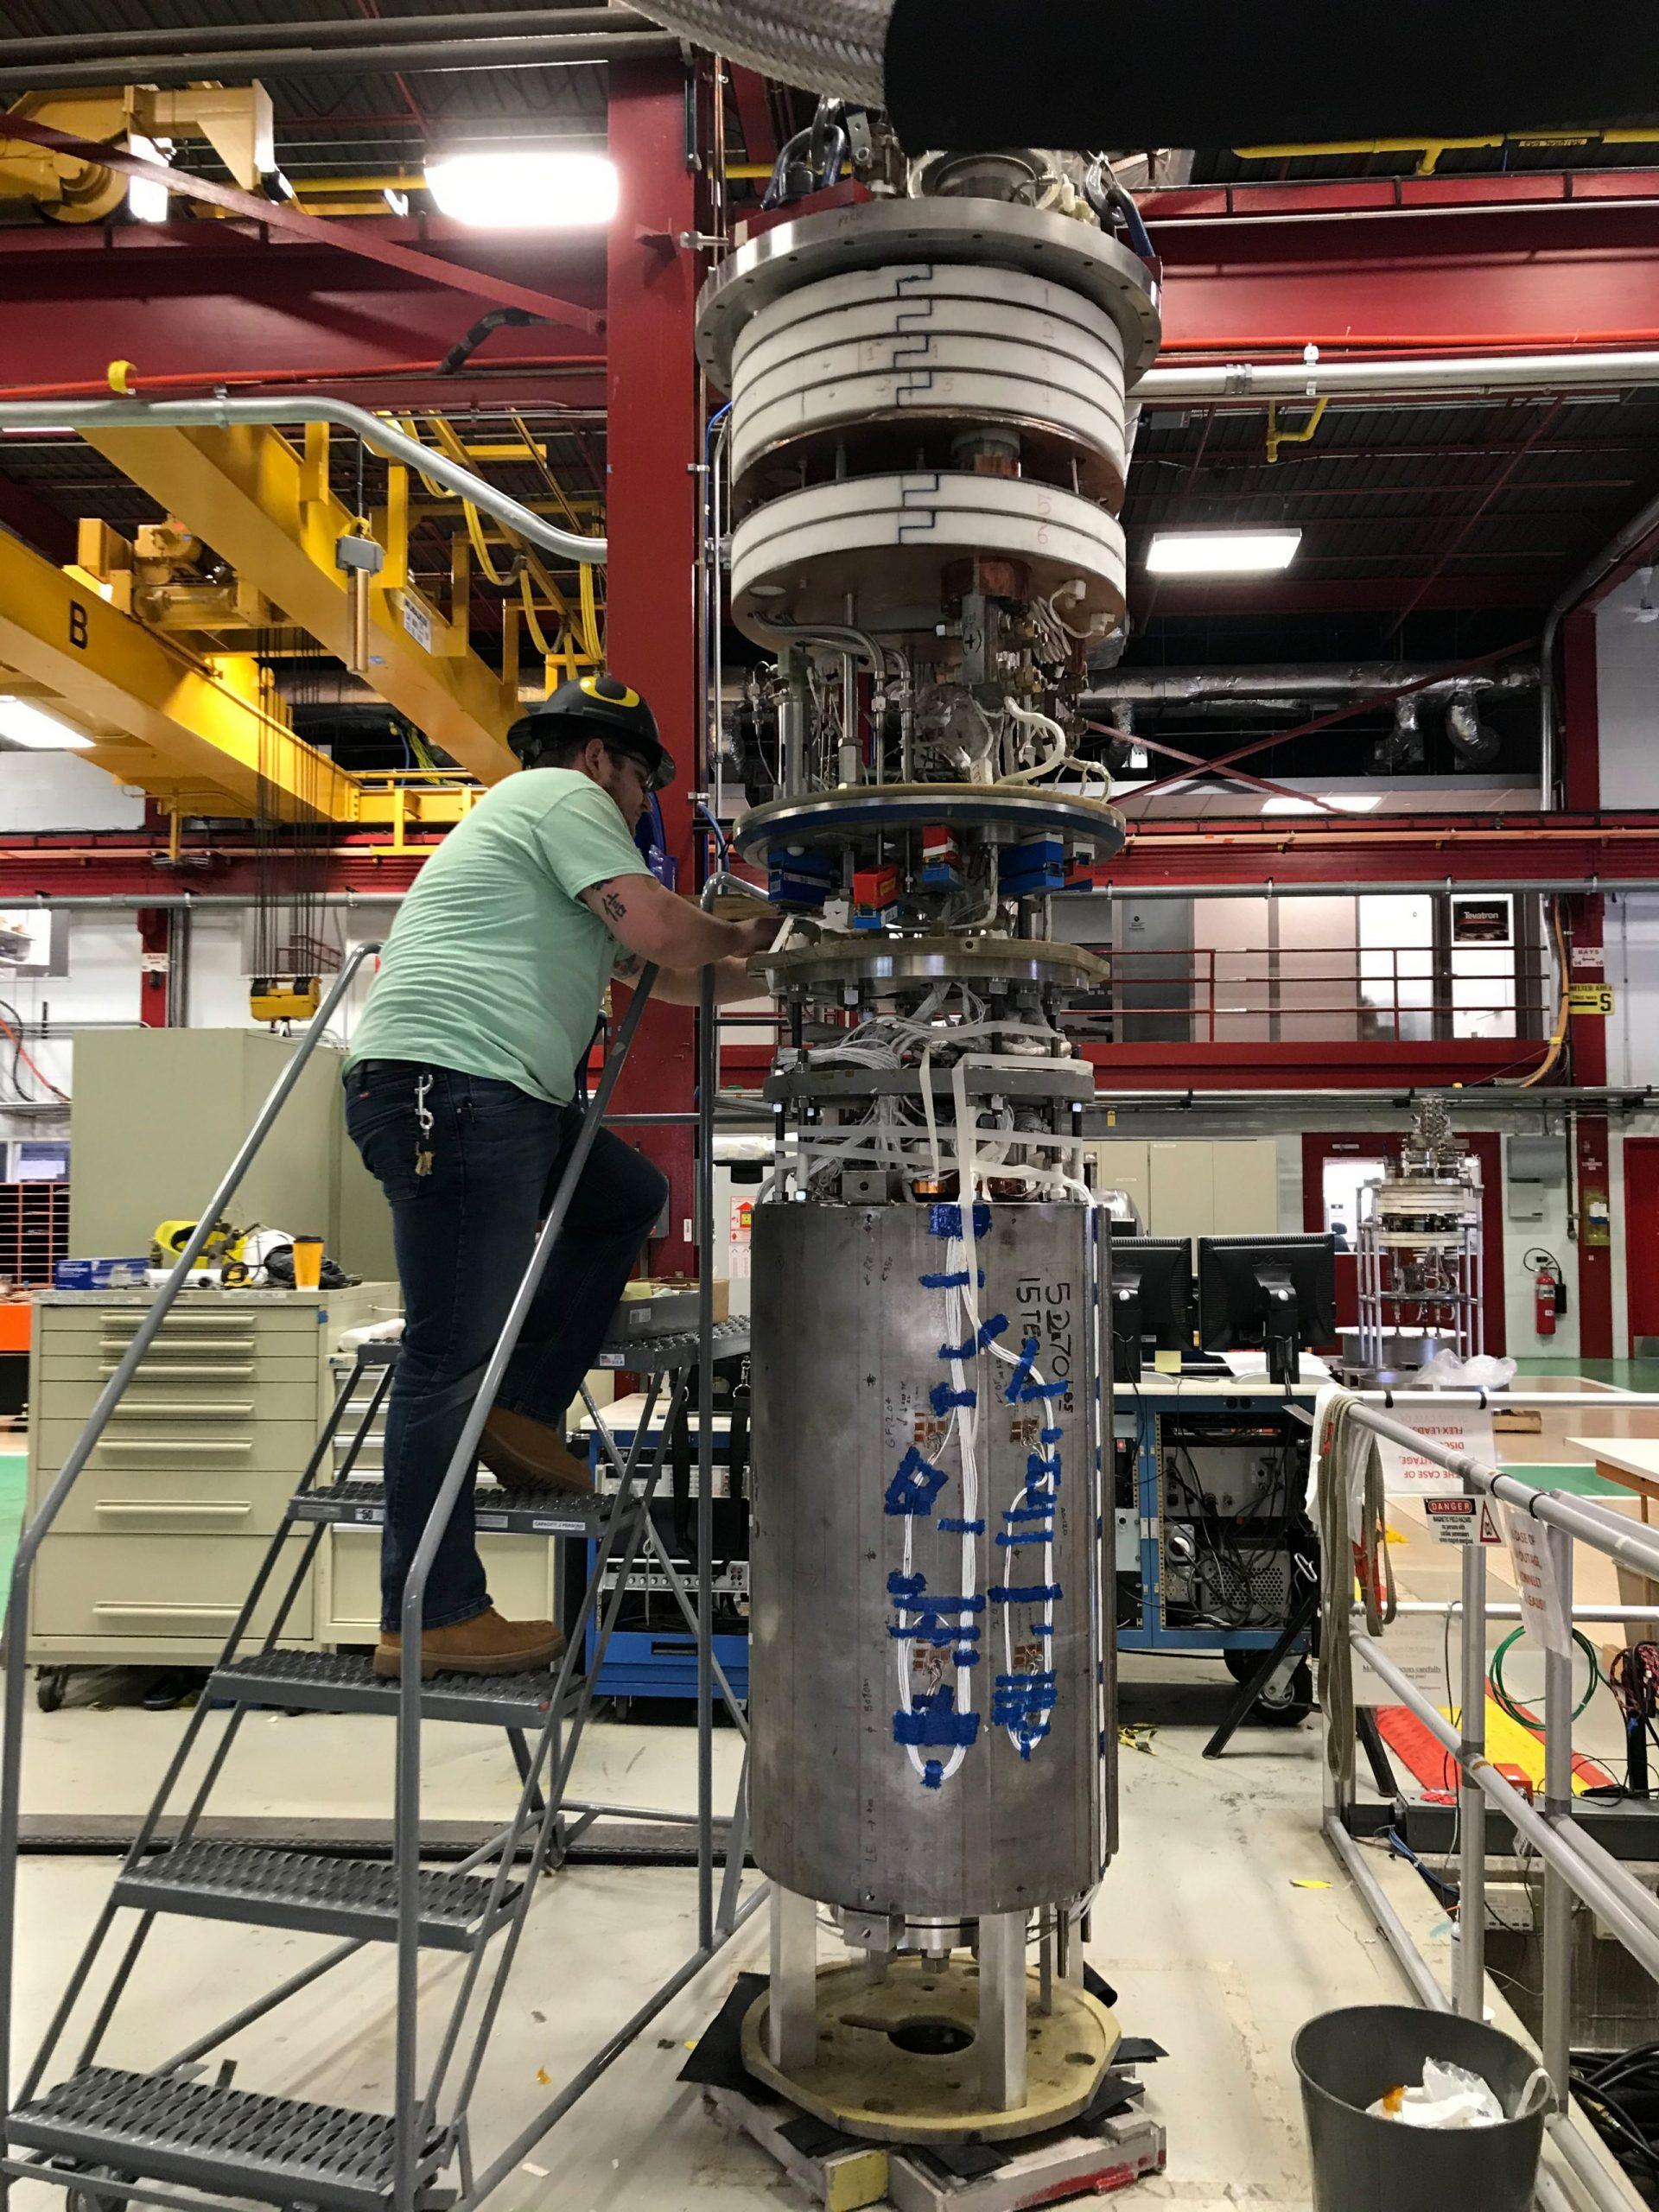 مختبر فيرميلاب يُحقق مجالاً مغناطيسياً بشدة 14.5 تسلا، محطماً بذلك الرقم القياسي العالمي